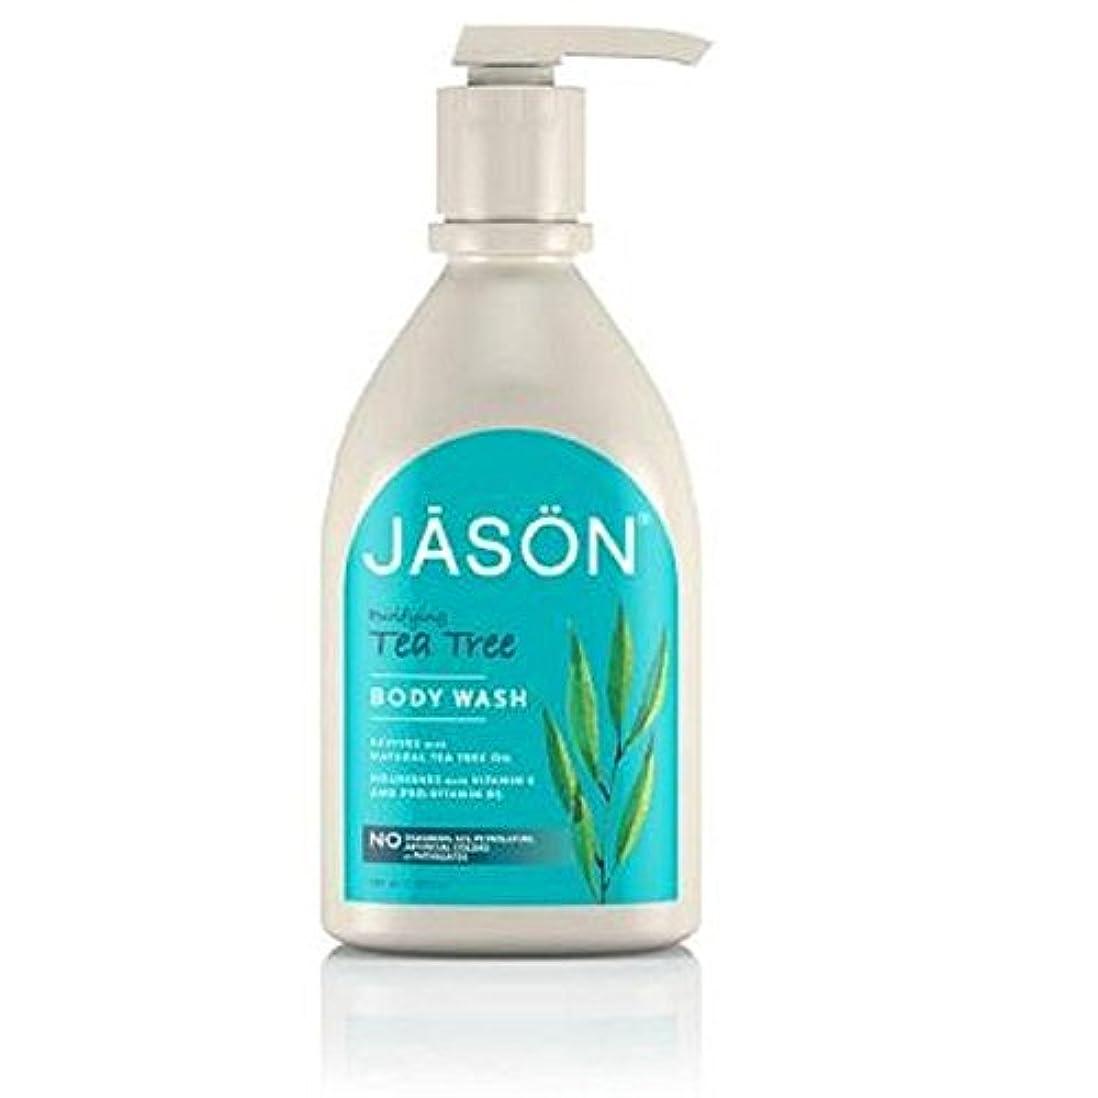 邪魔広告主根拠Jason Tea Tree Satin Body Wash Pump 900ml (Pack of 6) - ジェイソン?ティーツリーサテンボディウォッシュポンプ900ミリリットル x6 [並行輸入品]